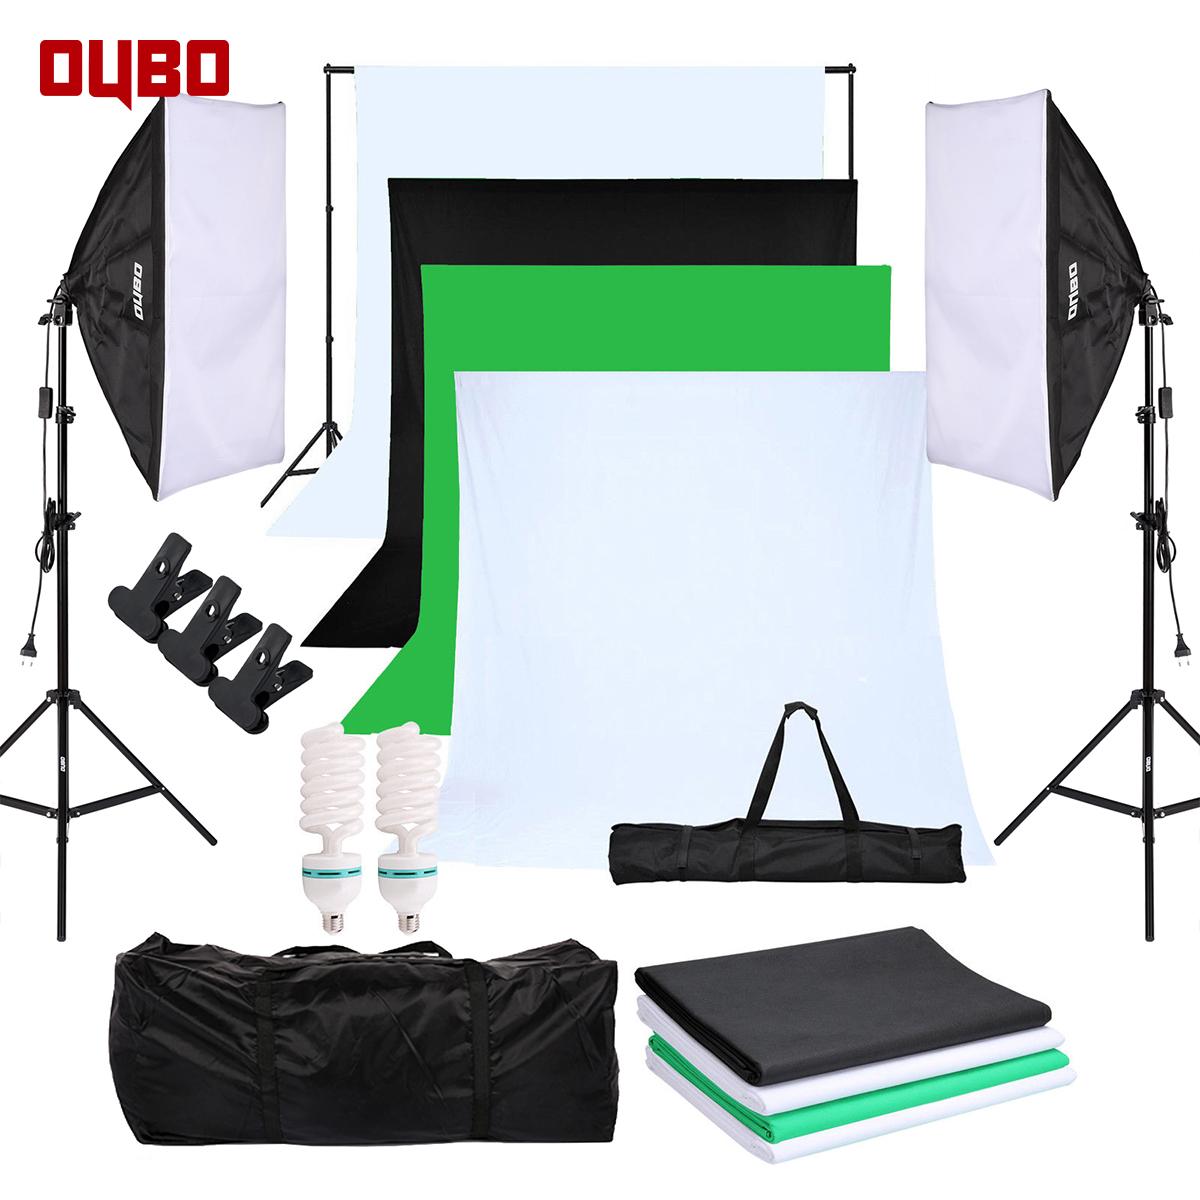 Details zu OUBO Fotostudio Set Hintergrund 4xHintergrundstoff Studioleuchte  Lampe Softbox